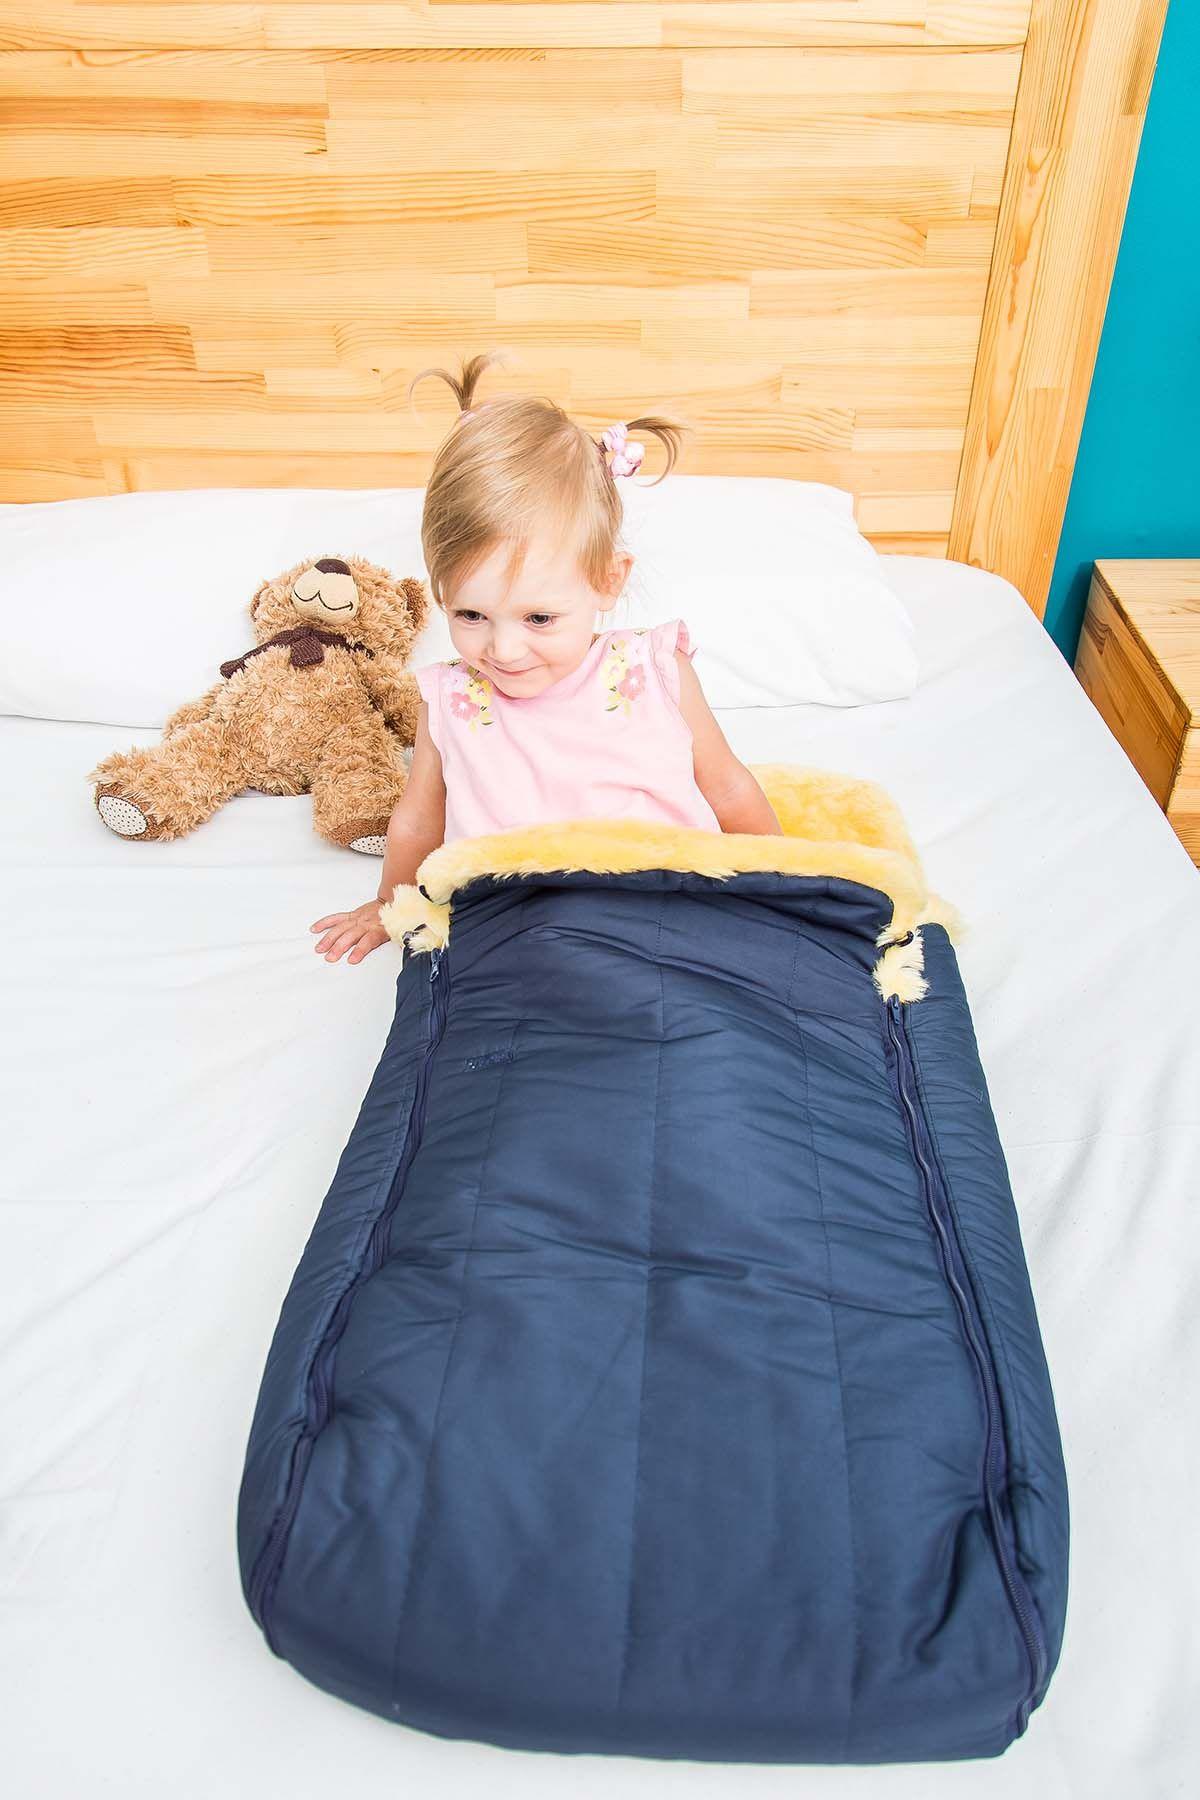 Sheepy Care Детский Конверт Из Натуральной Овчины С Двойной Молнией MDK011 Темно-синий